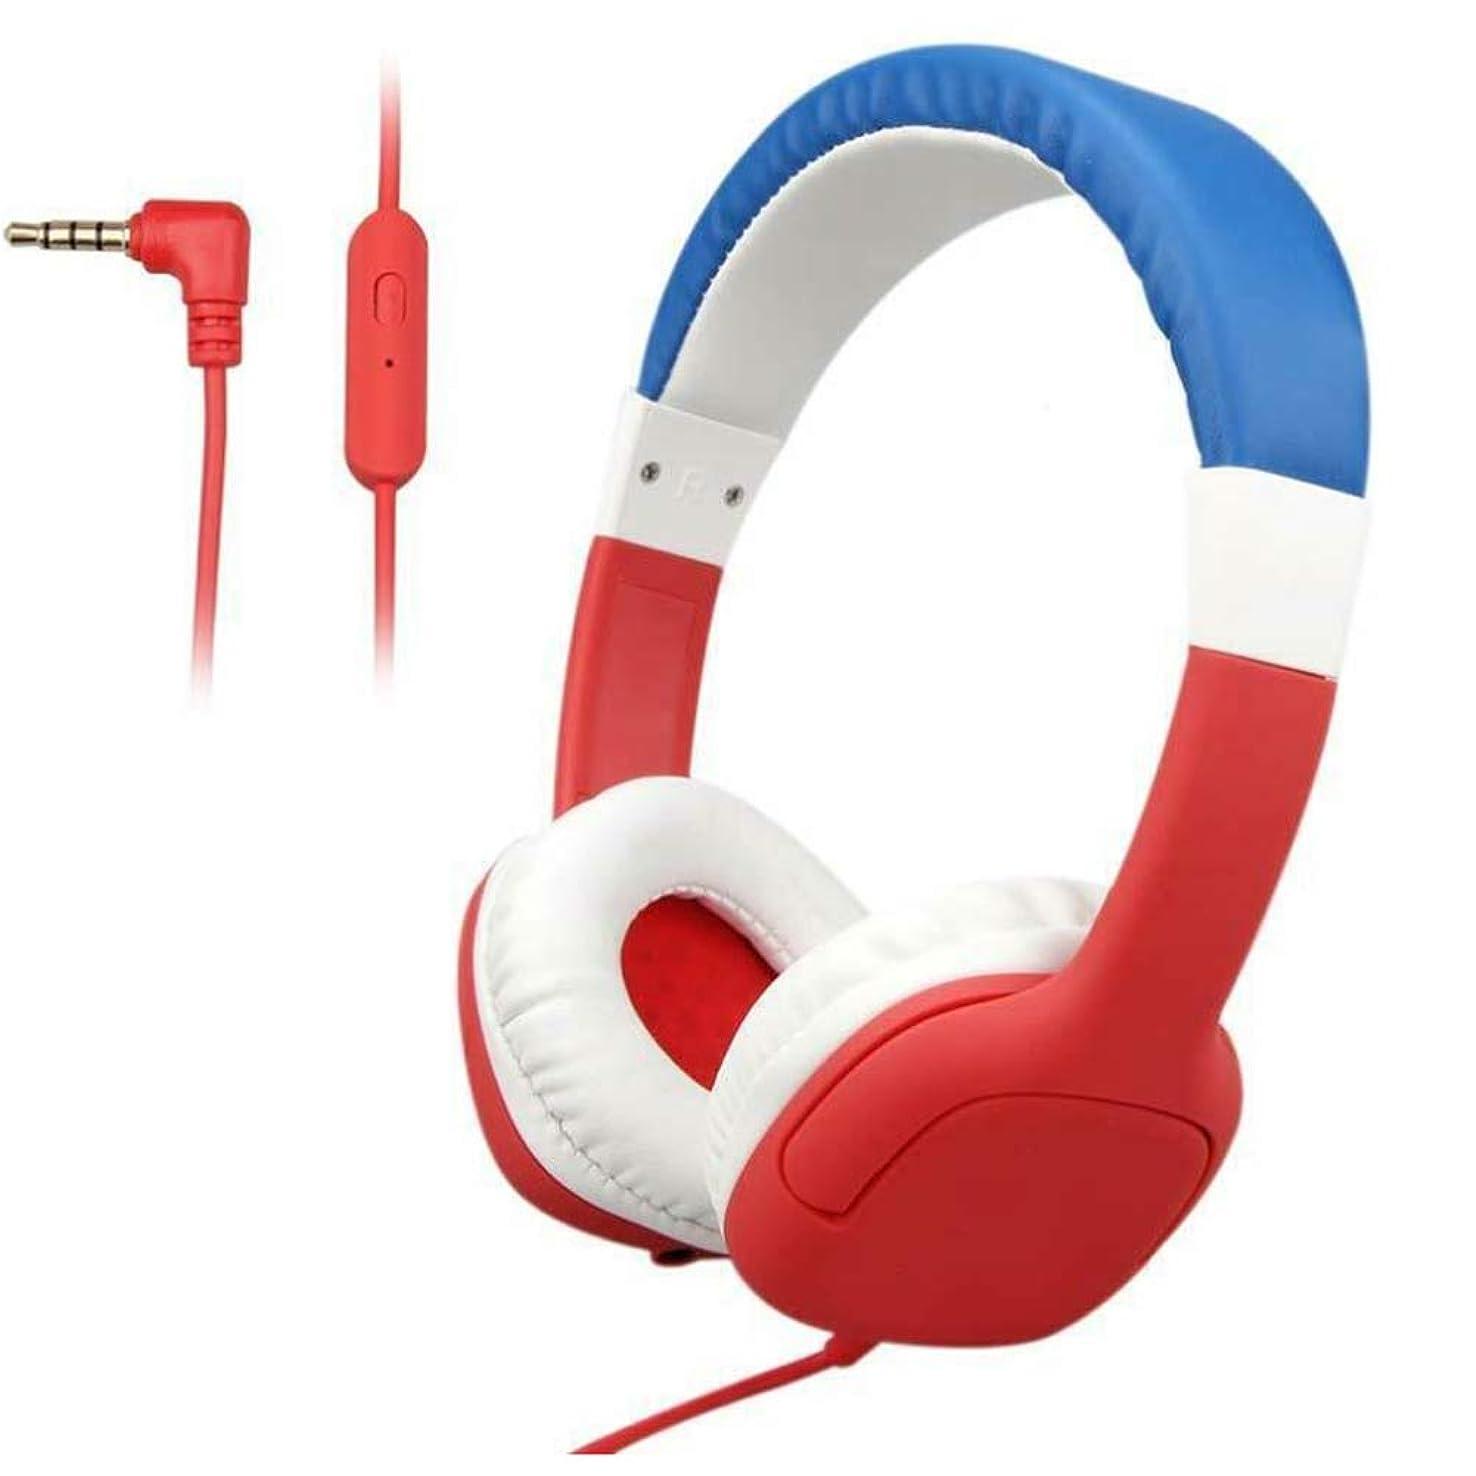 ほこりっぽい多数の規定子供用ヘッドフォン有線子供用学習ヘッドホン音量制限3.5 MM、ステレオサウンド、折りたたみ式、94デシベルボリュームリミテッドオンイヤーお子様